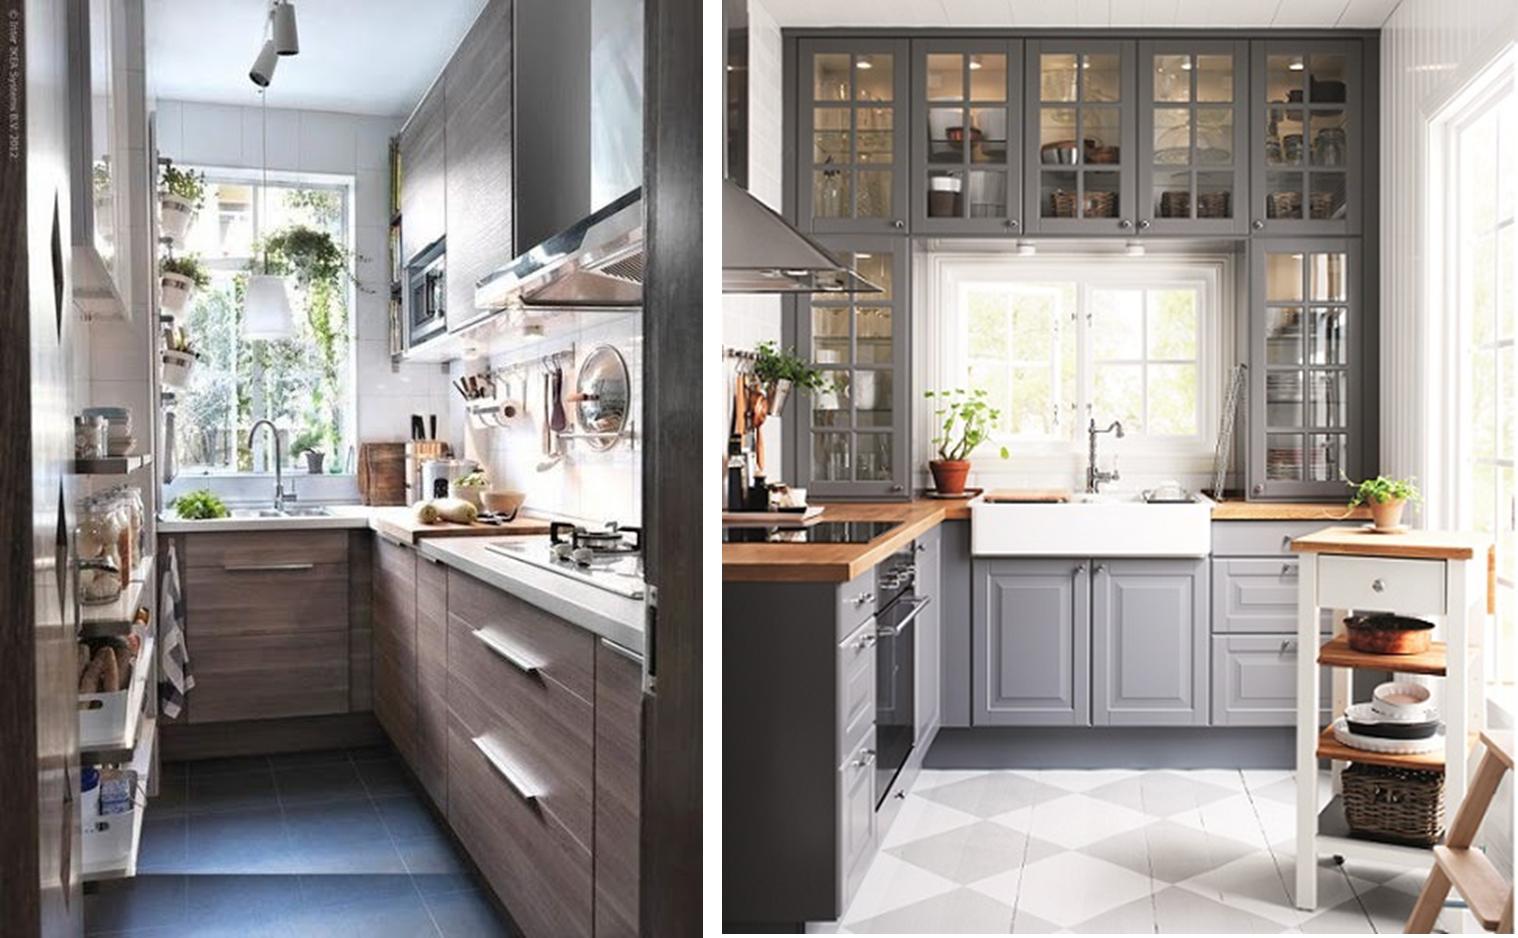 Decoraci n f cil 10 ideas para cocinas peque as small for Imagenes de decoracion de cocinas